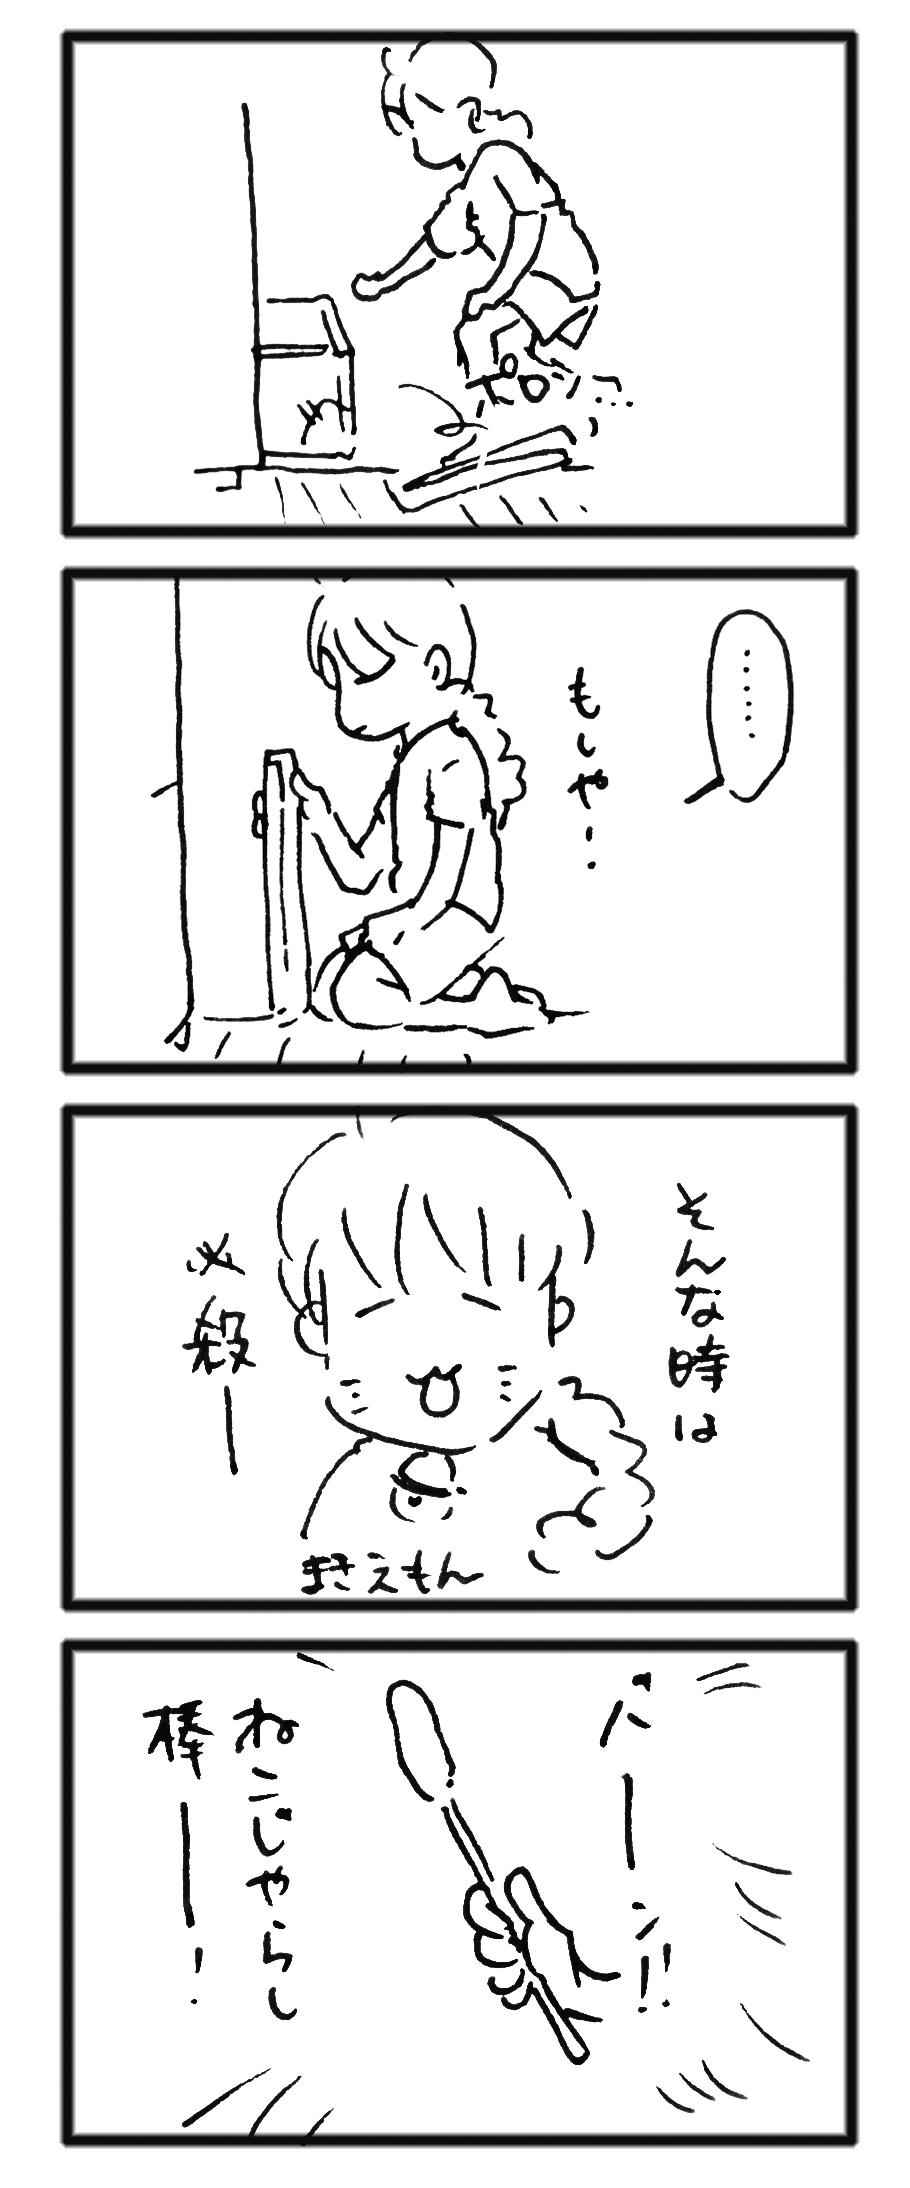 comic_2013072405.jpg